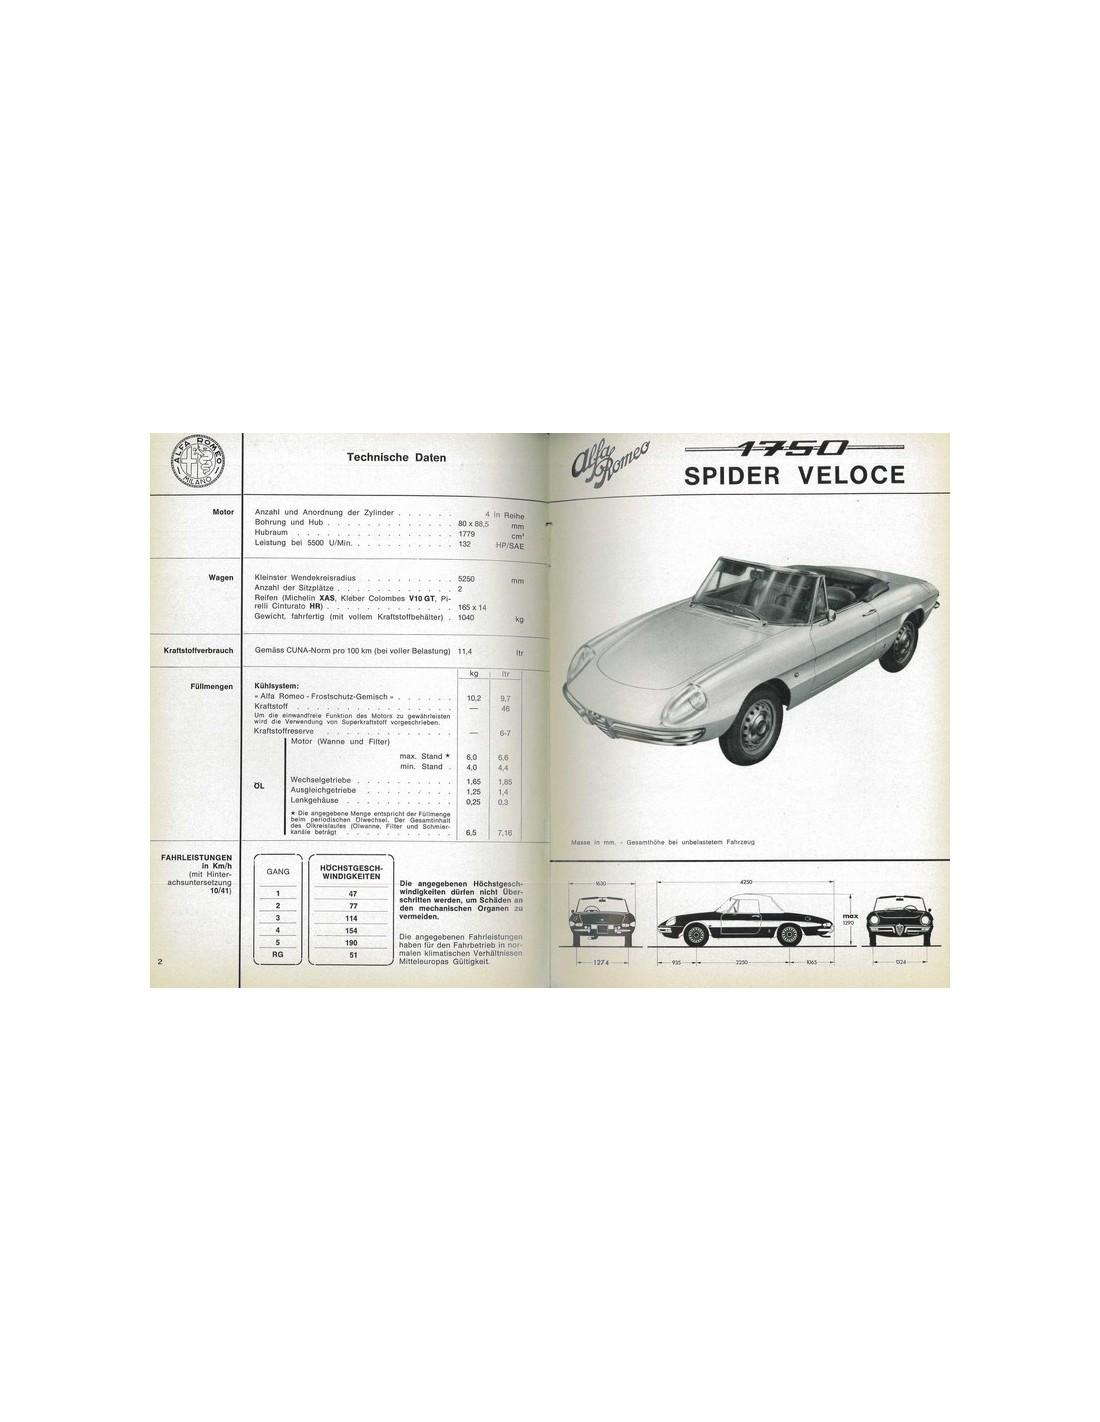 1968 ALFA ROMEO SPIDER 1750 VELOCE BIJLAGE